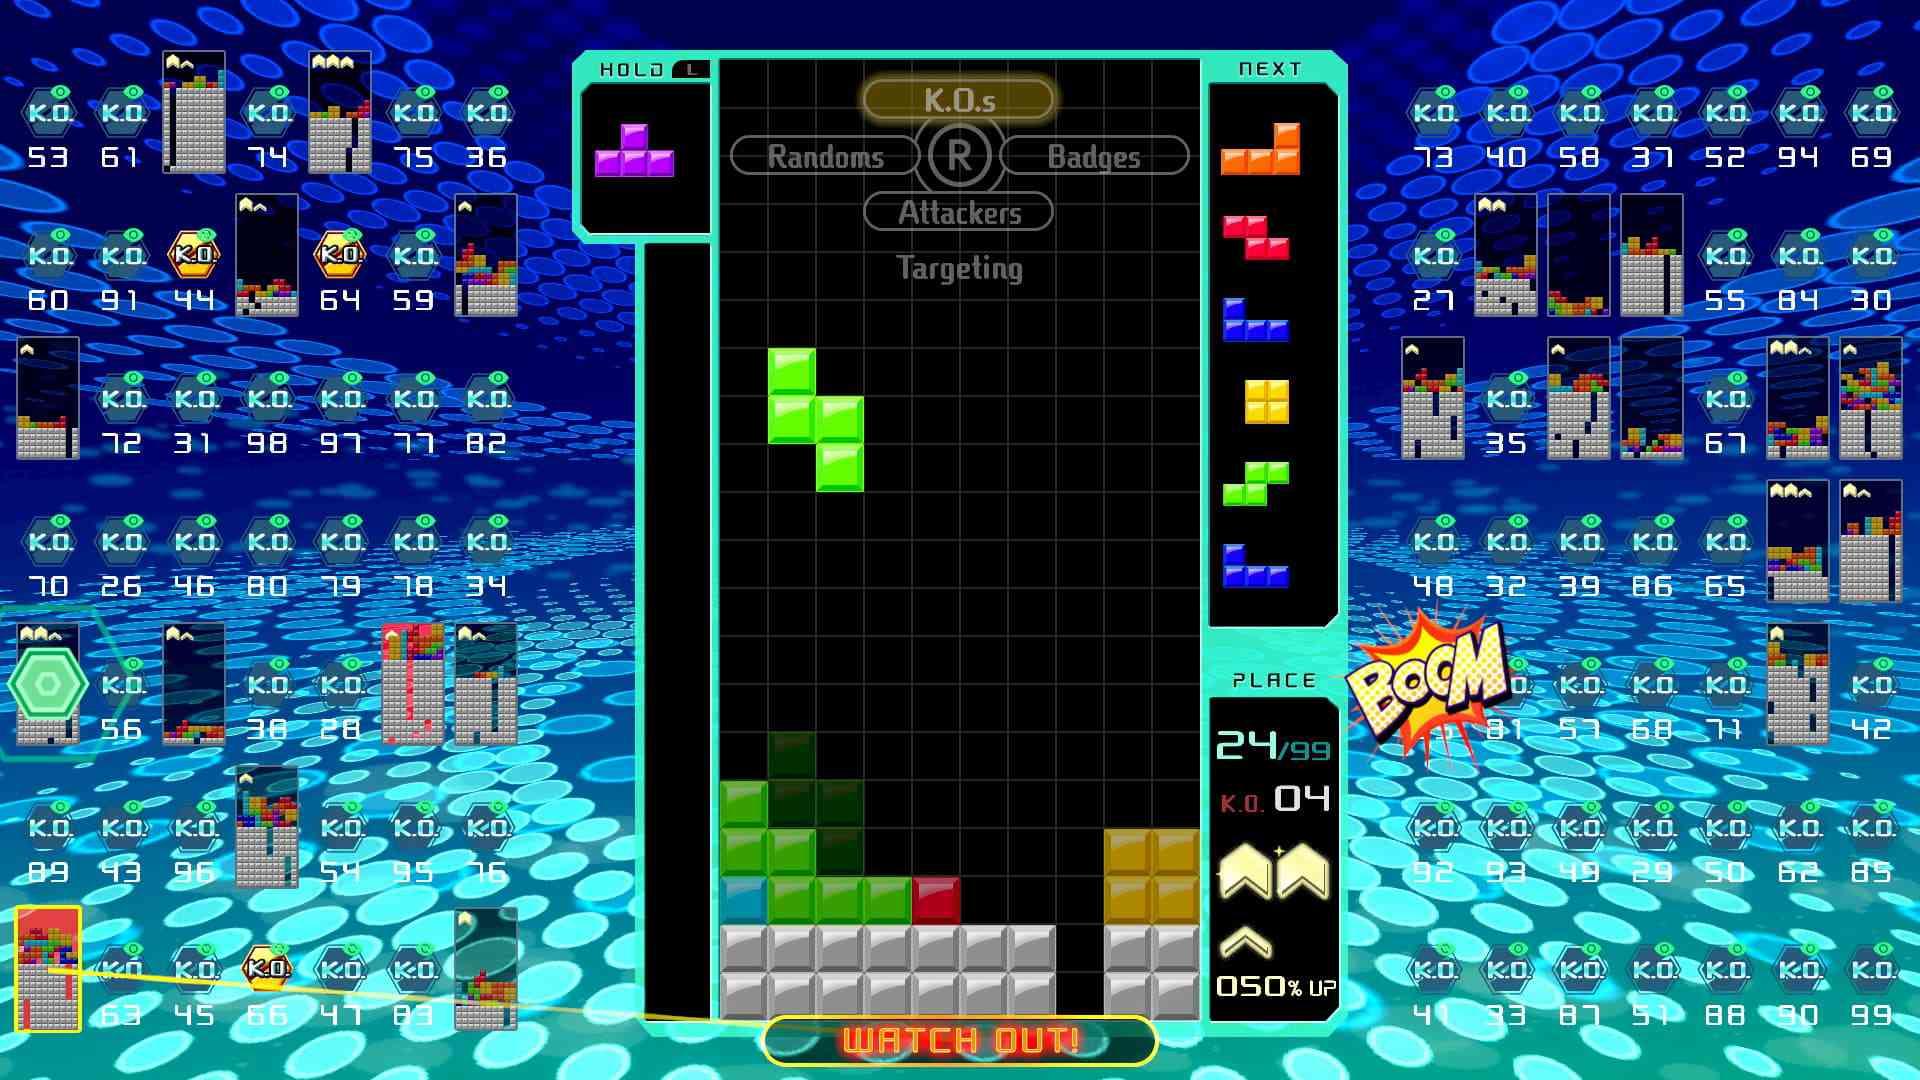 Tetris 99 press image